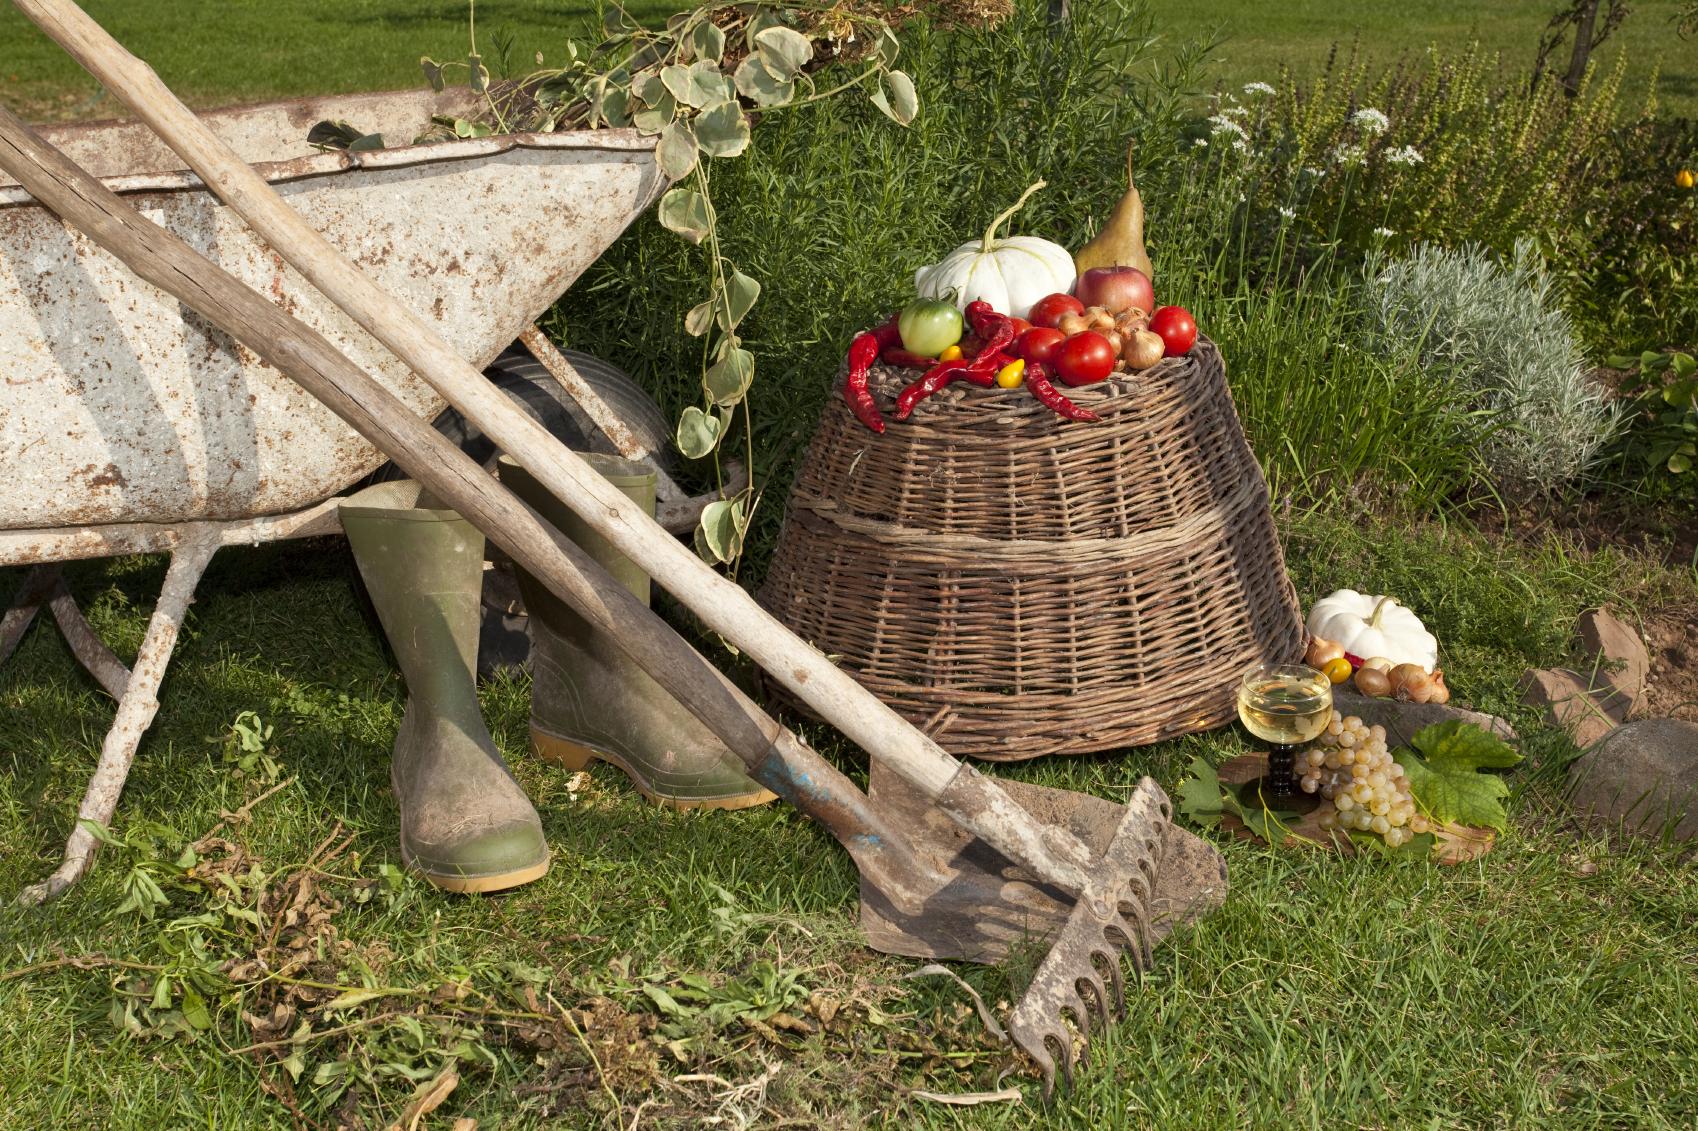 Gartenarbeiten, Gartenwerkzeug, Winterfest, Pflanzen,